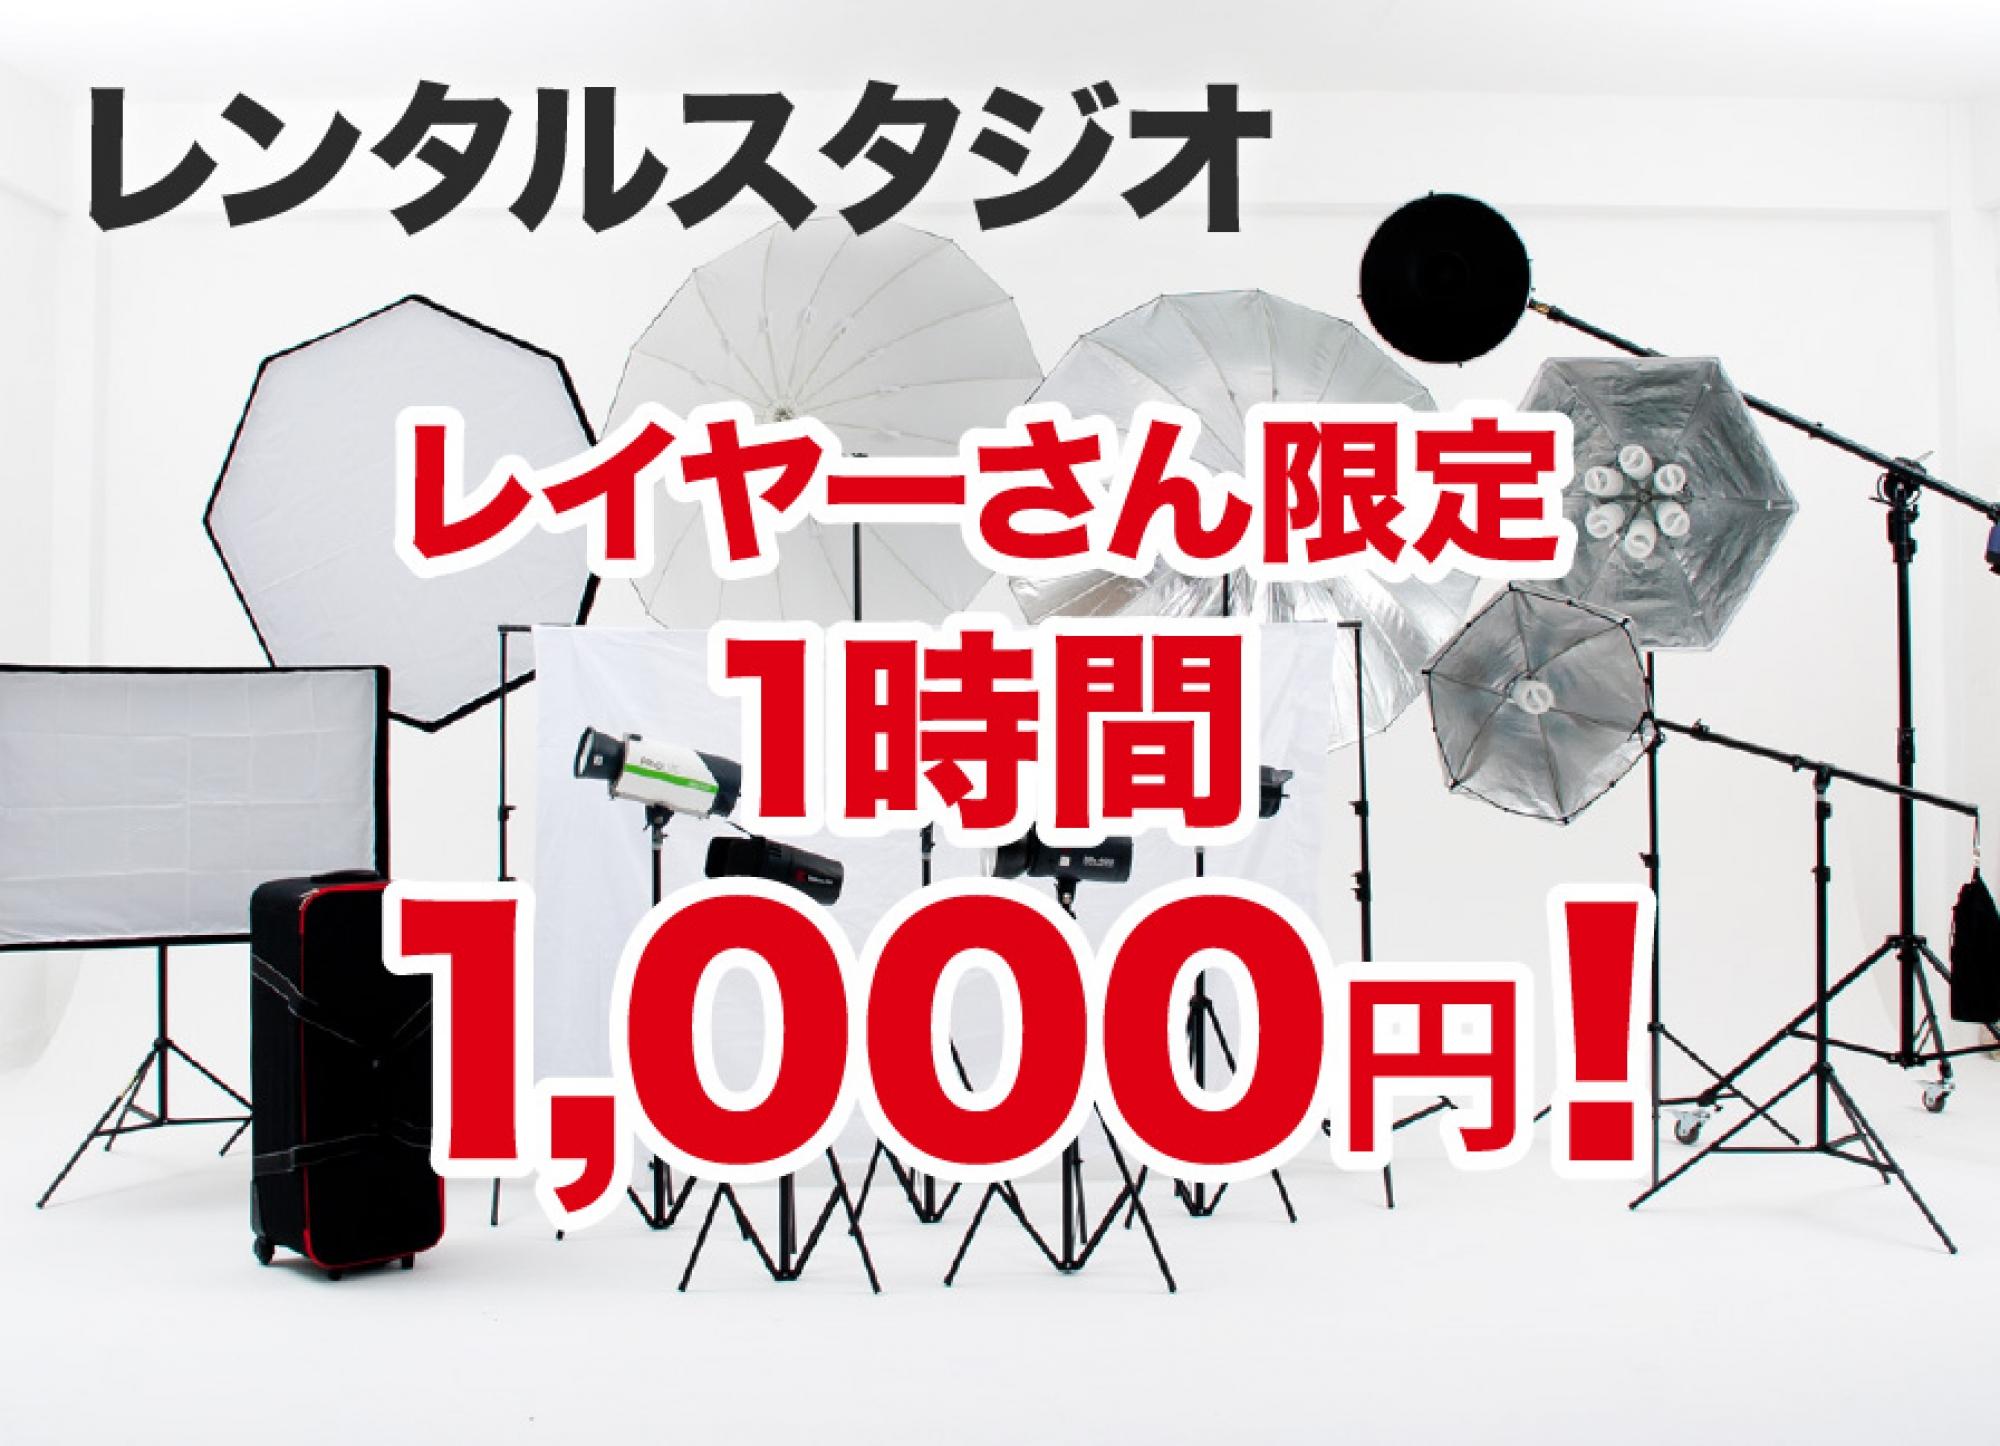 沖縄のコスプレ撮影 スタジオレンタルが今なら1,000円/h!